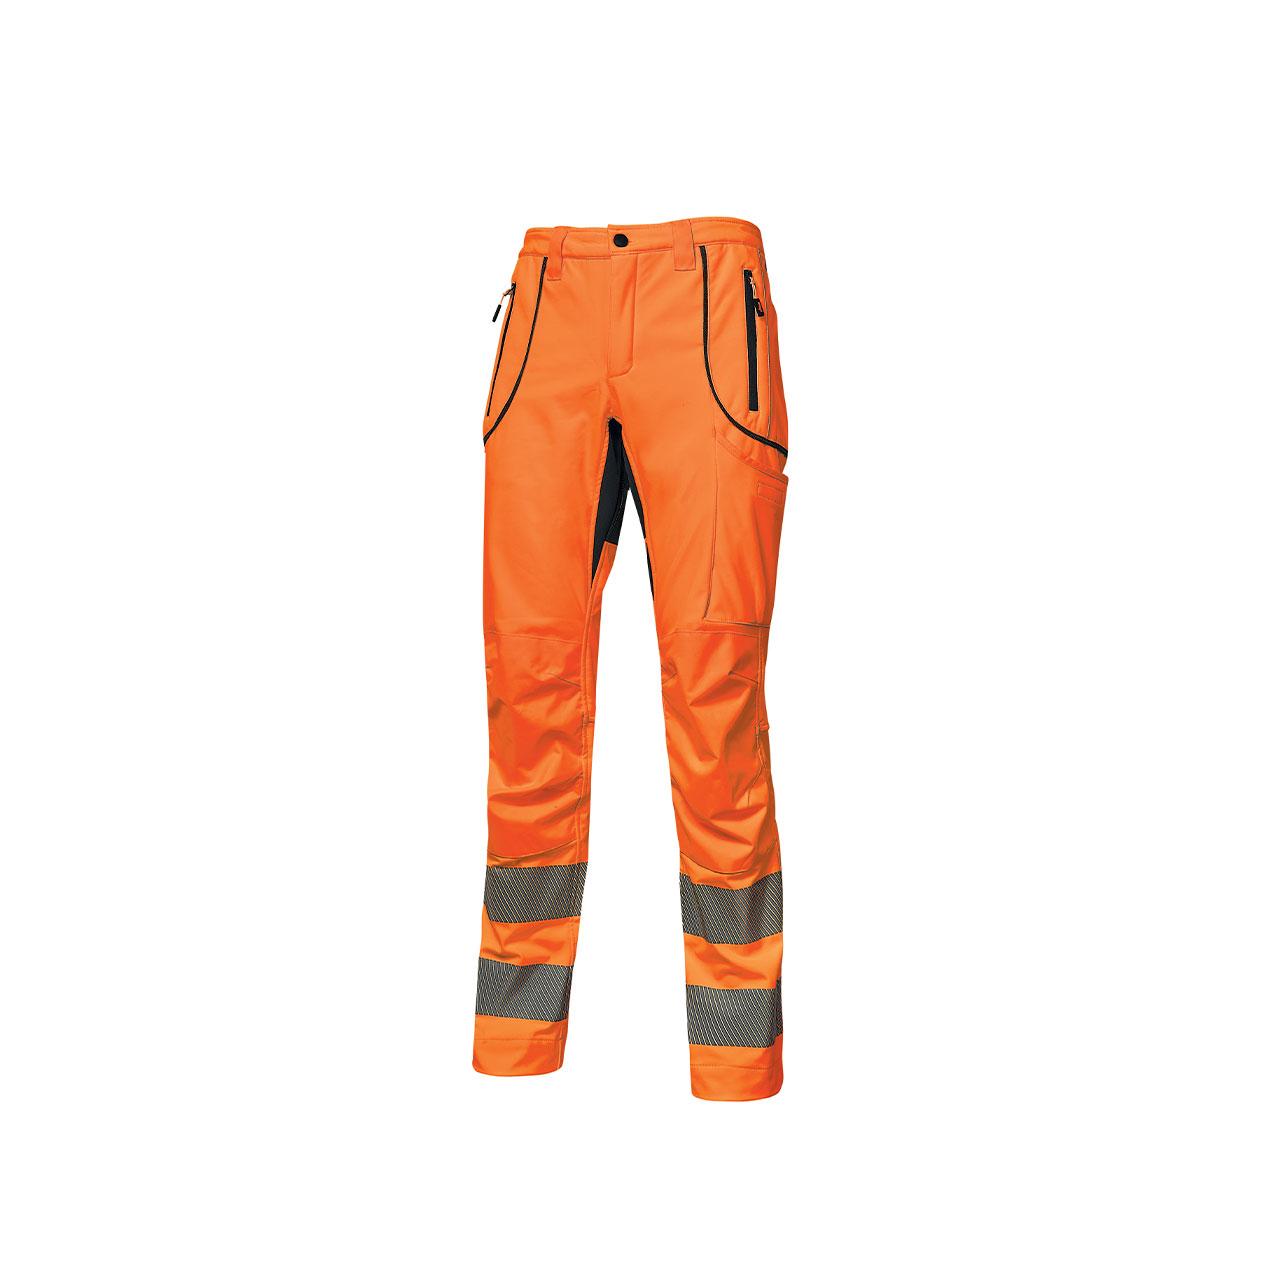 pantalone da lavoro upower modello ren colore orange fl